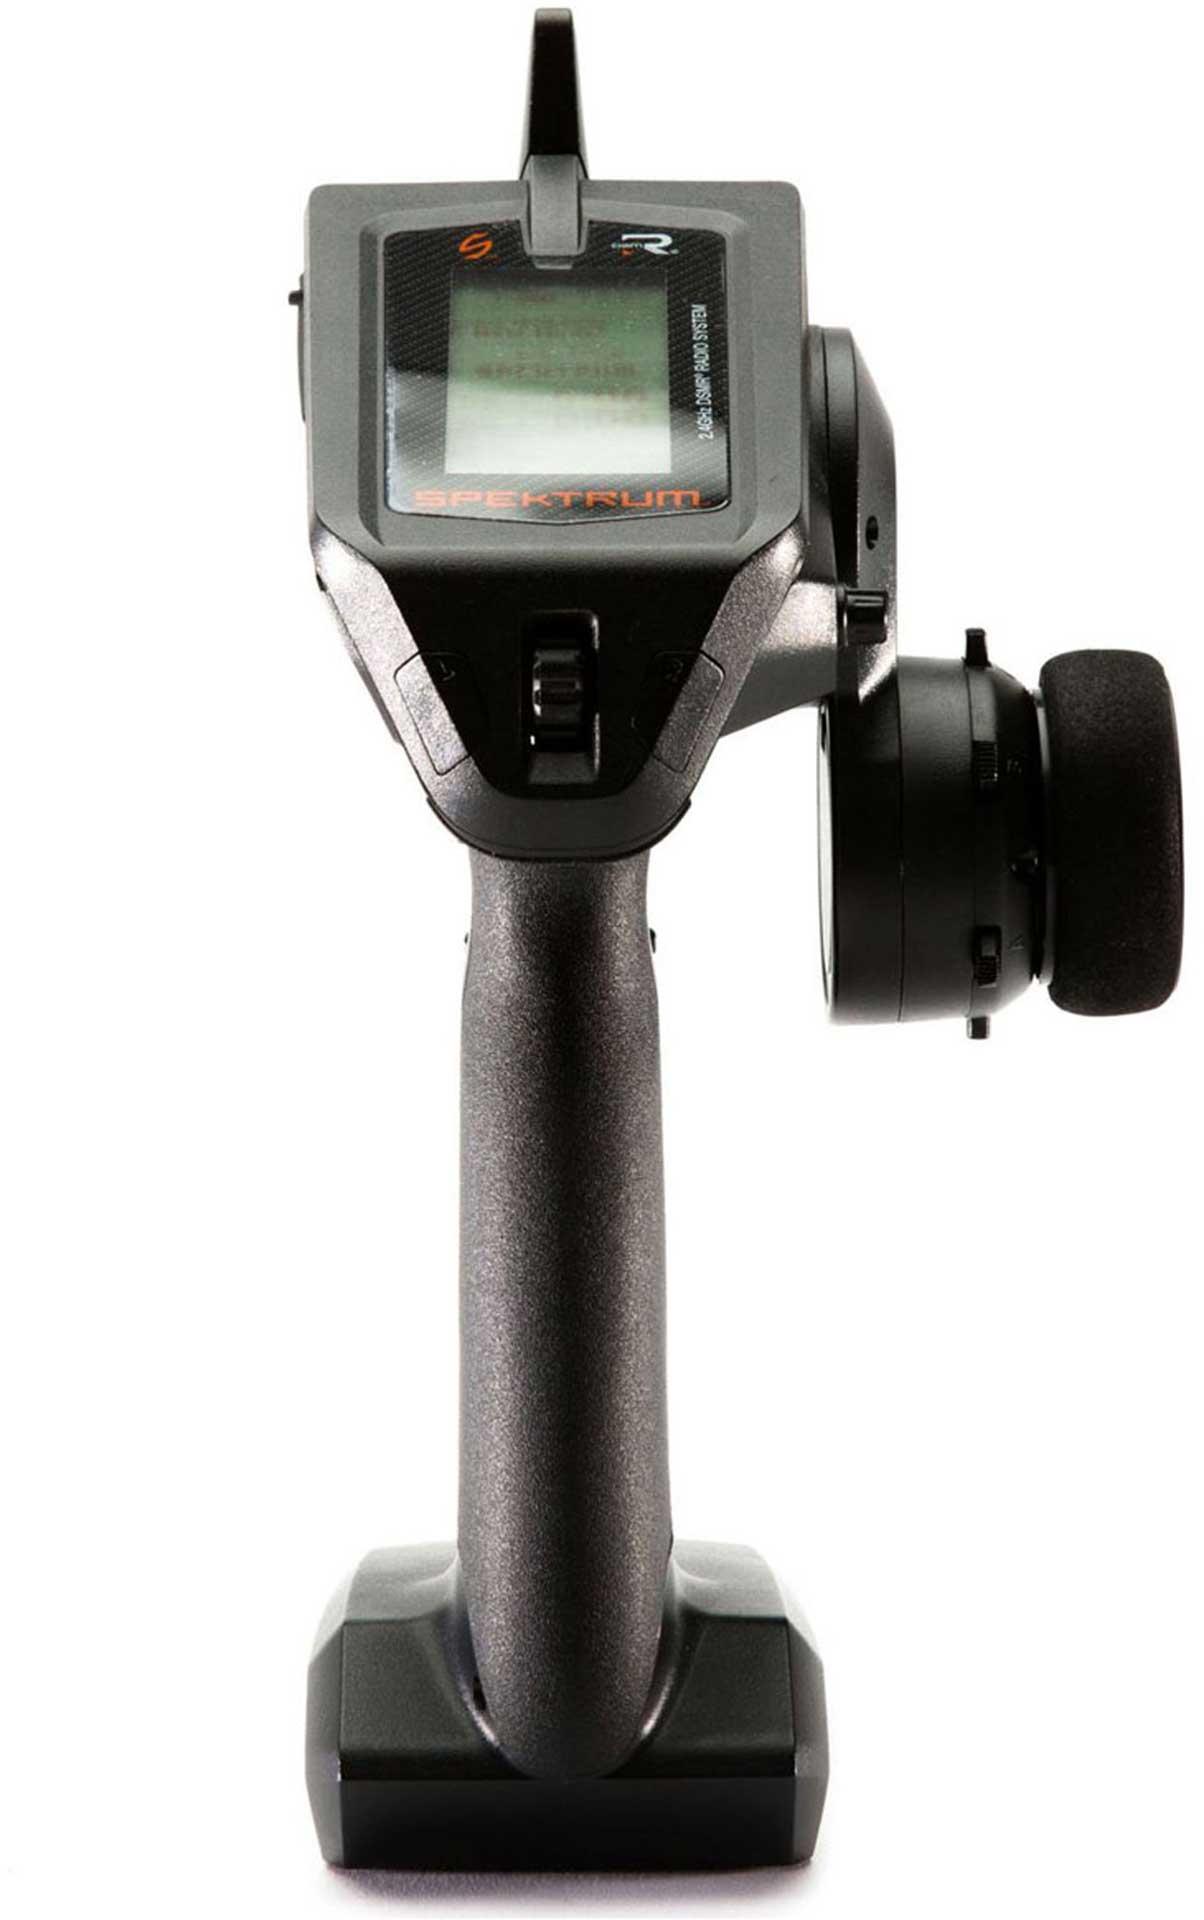 SPEKTRUM DX5 PRO 5-KANAL DSMR SENDER MIT SR2100